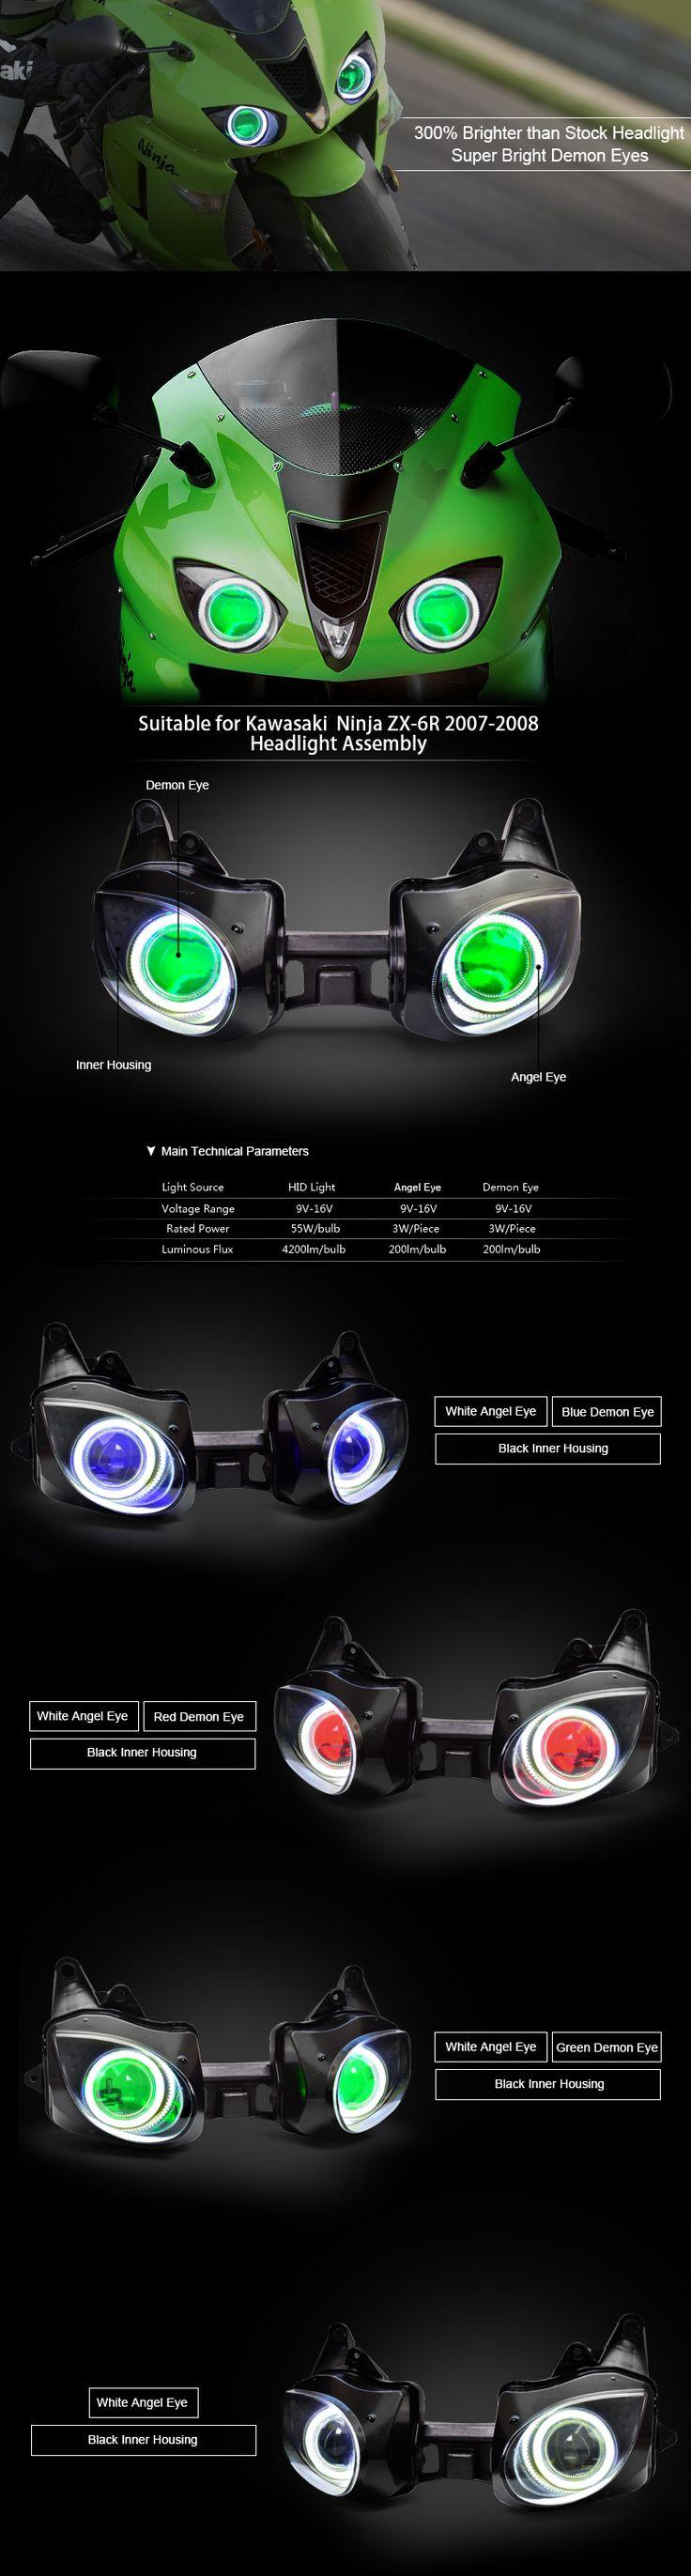 Angel eye HID Projector Headlight Assembly Kawasaki Ninja ZX6R 2007-2008